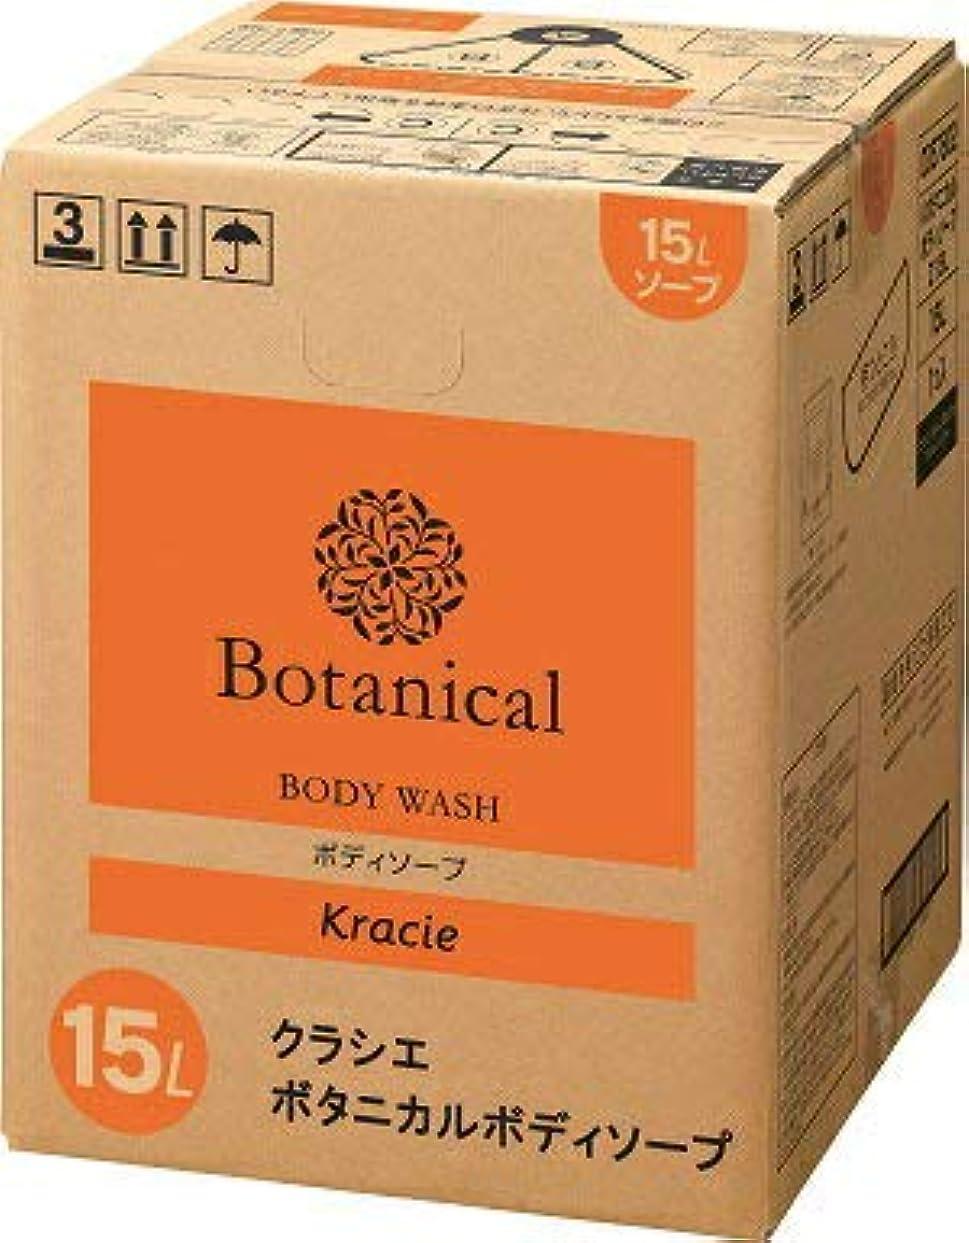 有力者マージ長方形Kracie クラシエ Botanical ボタニカル ボディソープ 15L 詰め替え 業務用